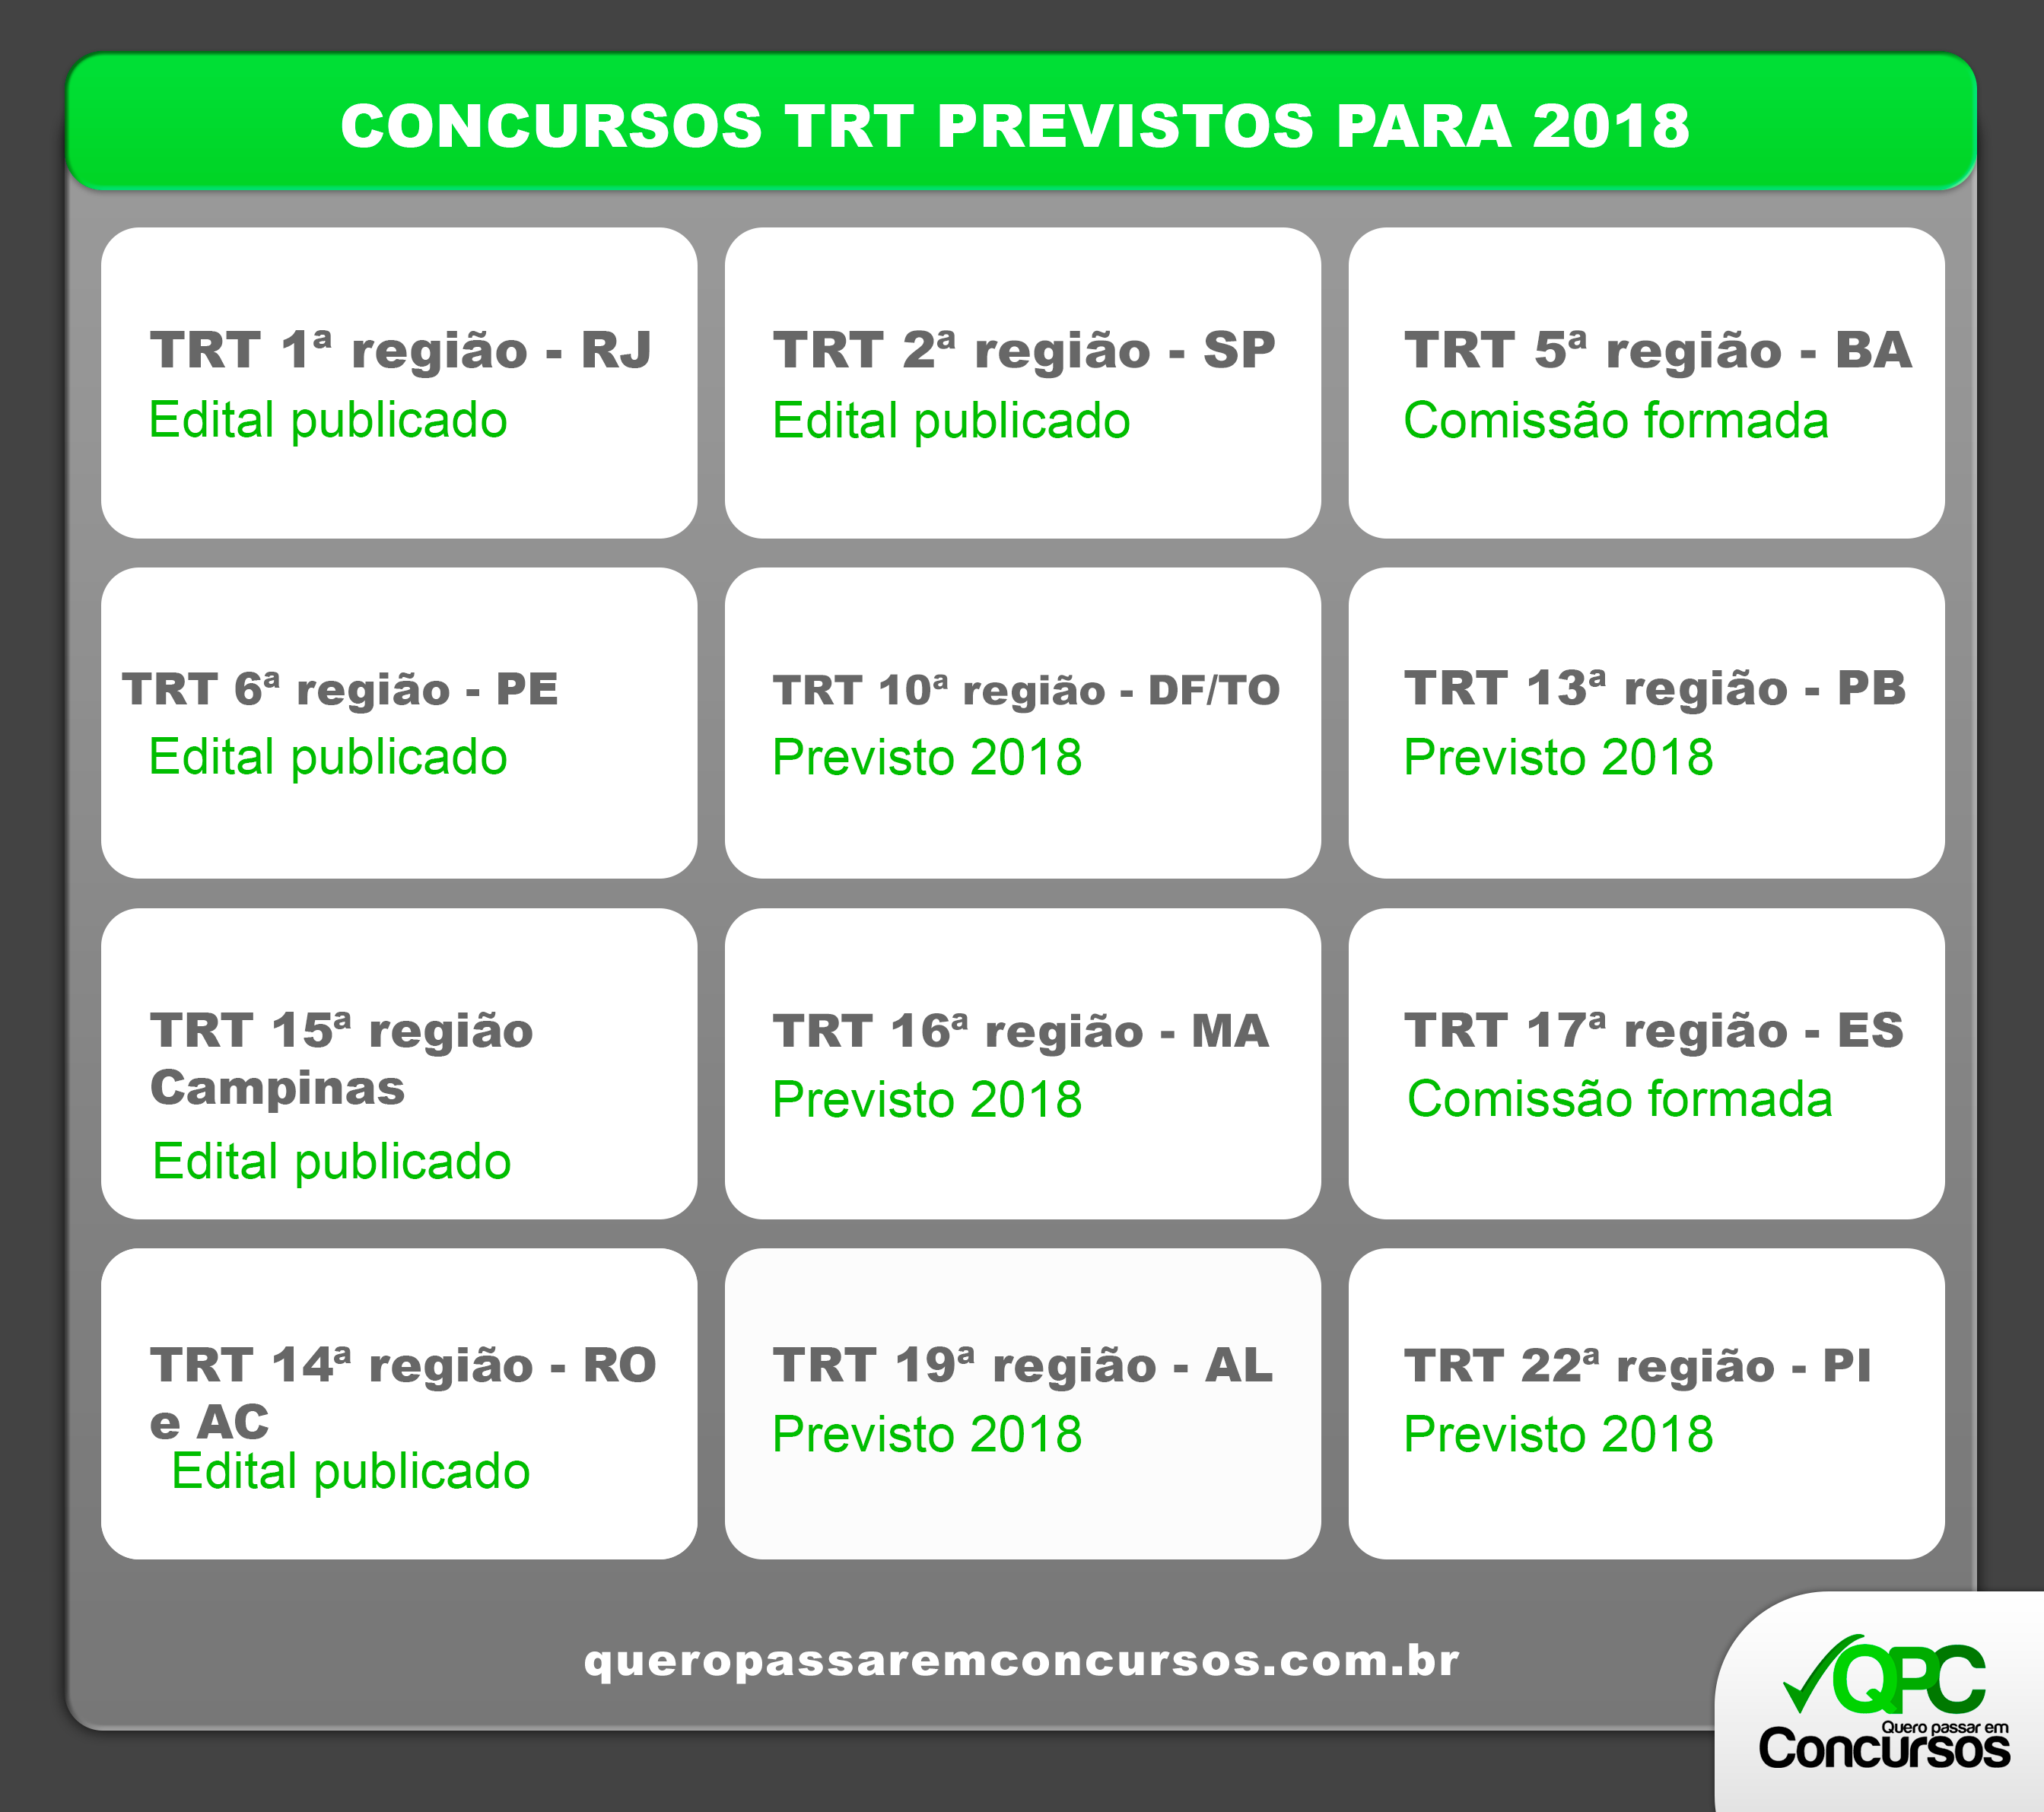 concursos TRT 18